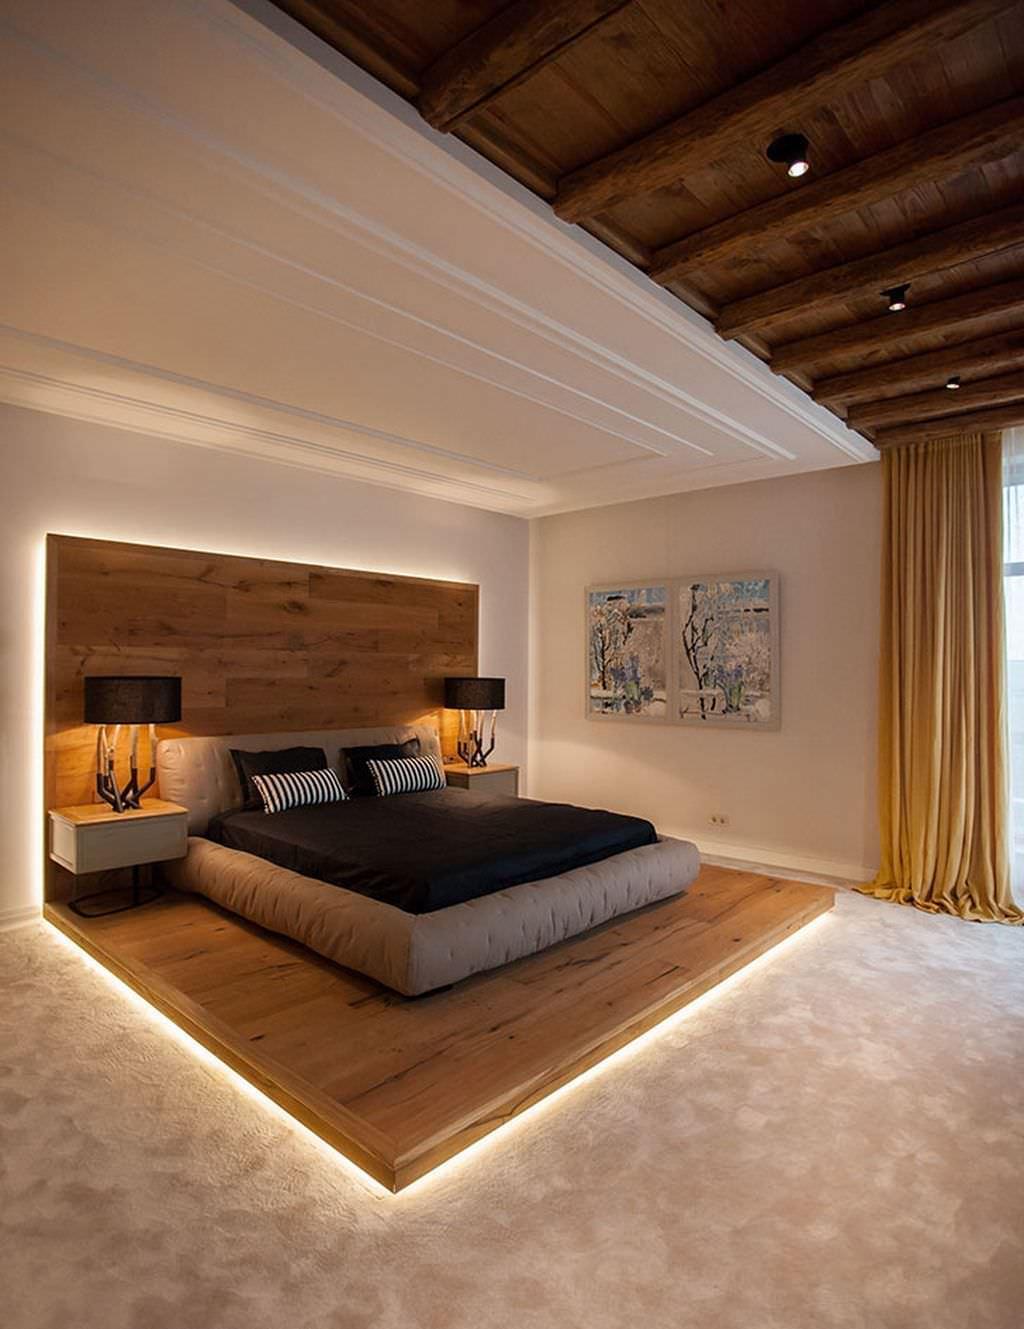 100 idee camere da letto moderne  Colori illuminazione